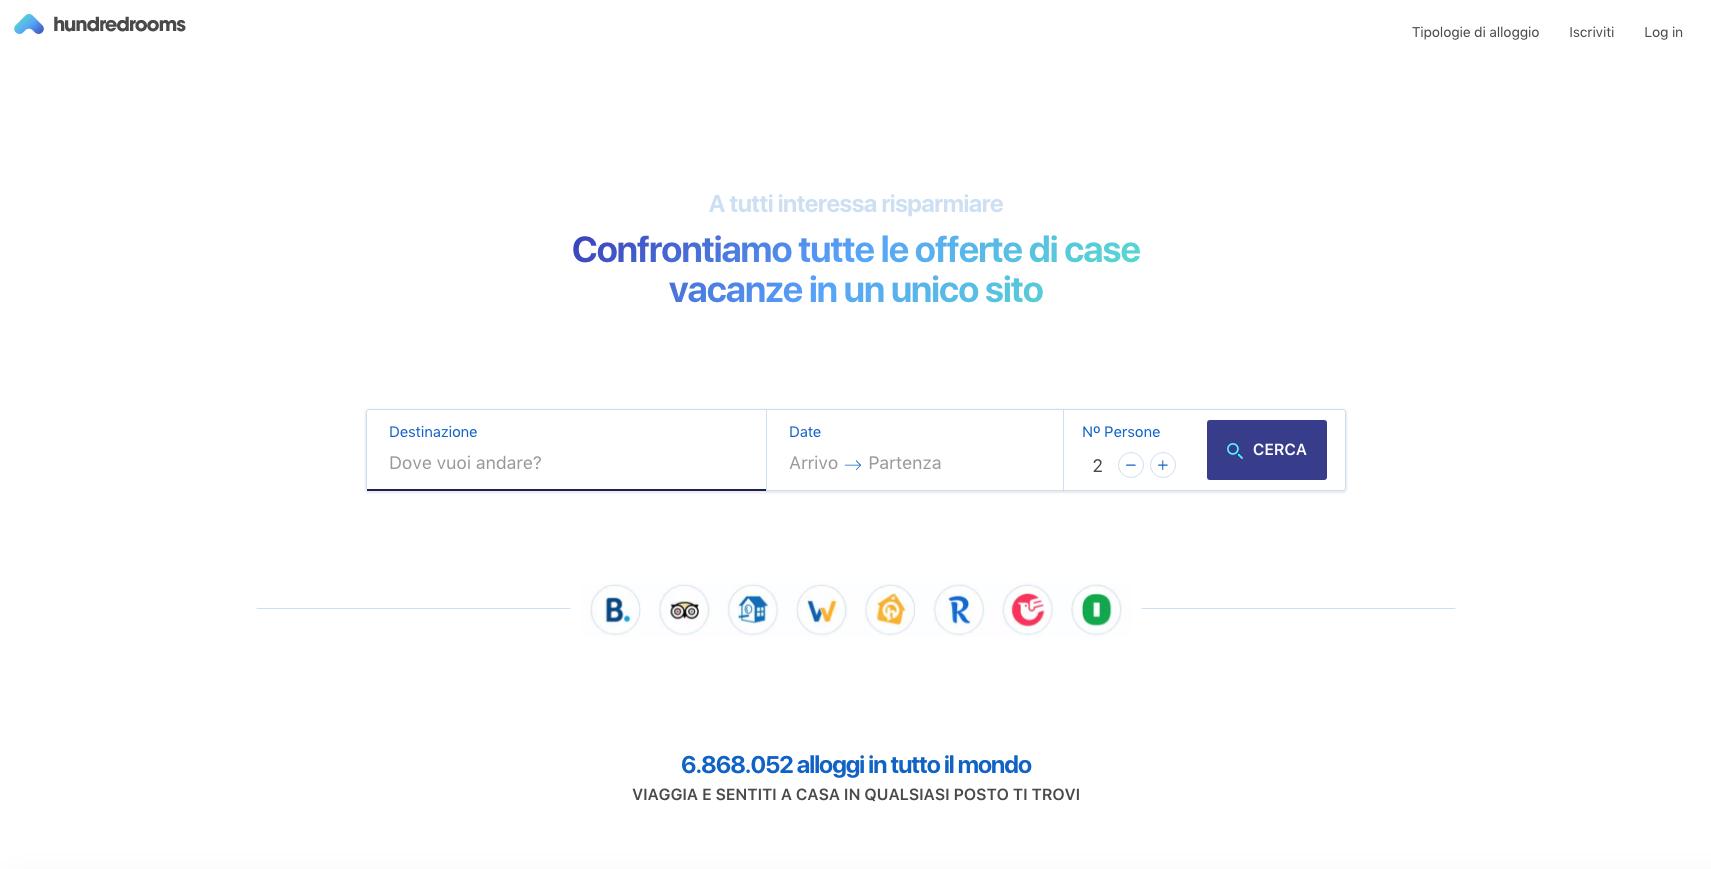 trovare partner online in europa sito scambio appartamento